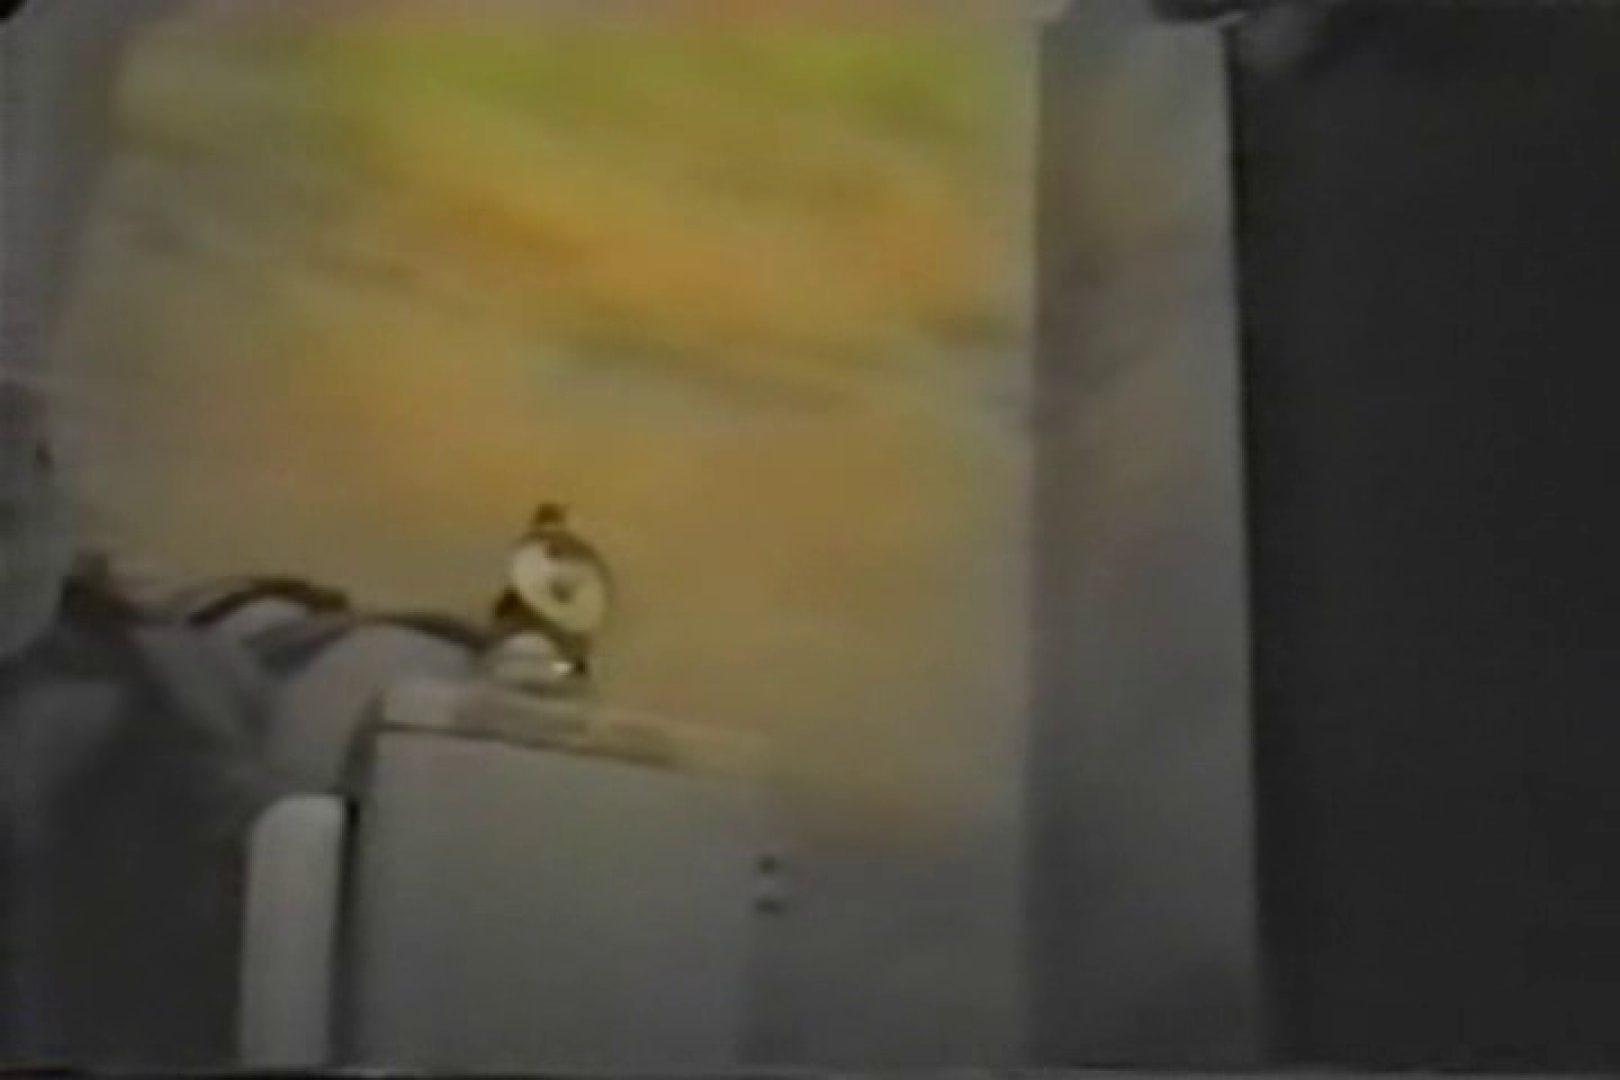 洋式洗面所オリジナルVol.2 洗面所はめどり AV動画キャプチャ 64画像 45